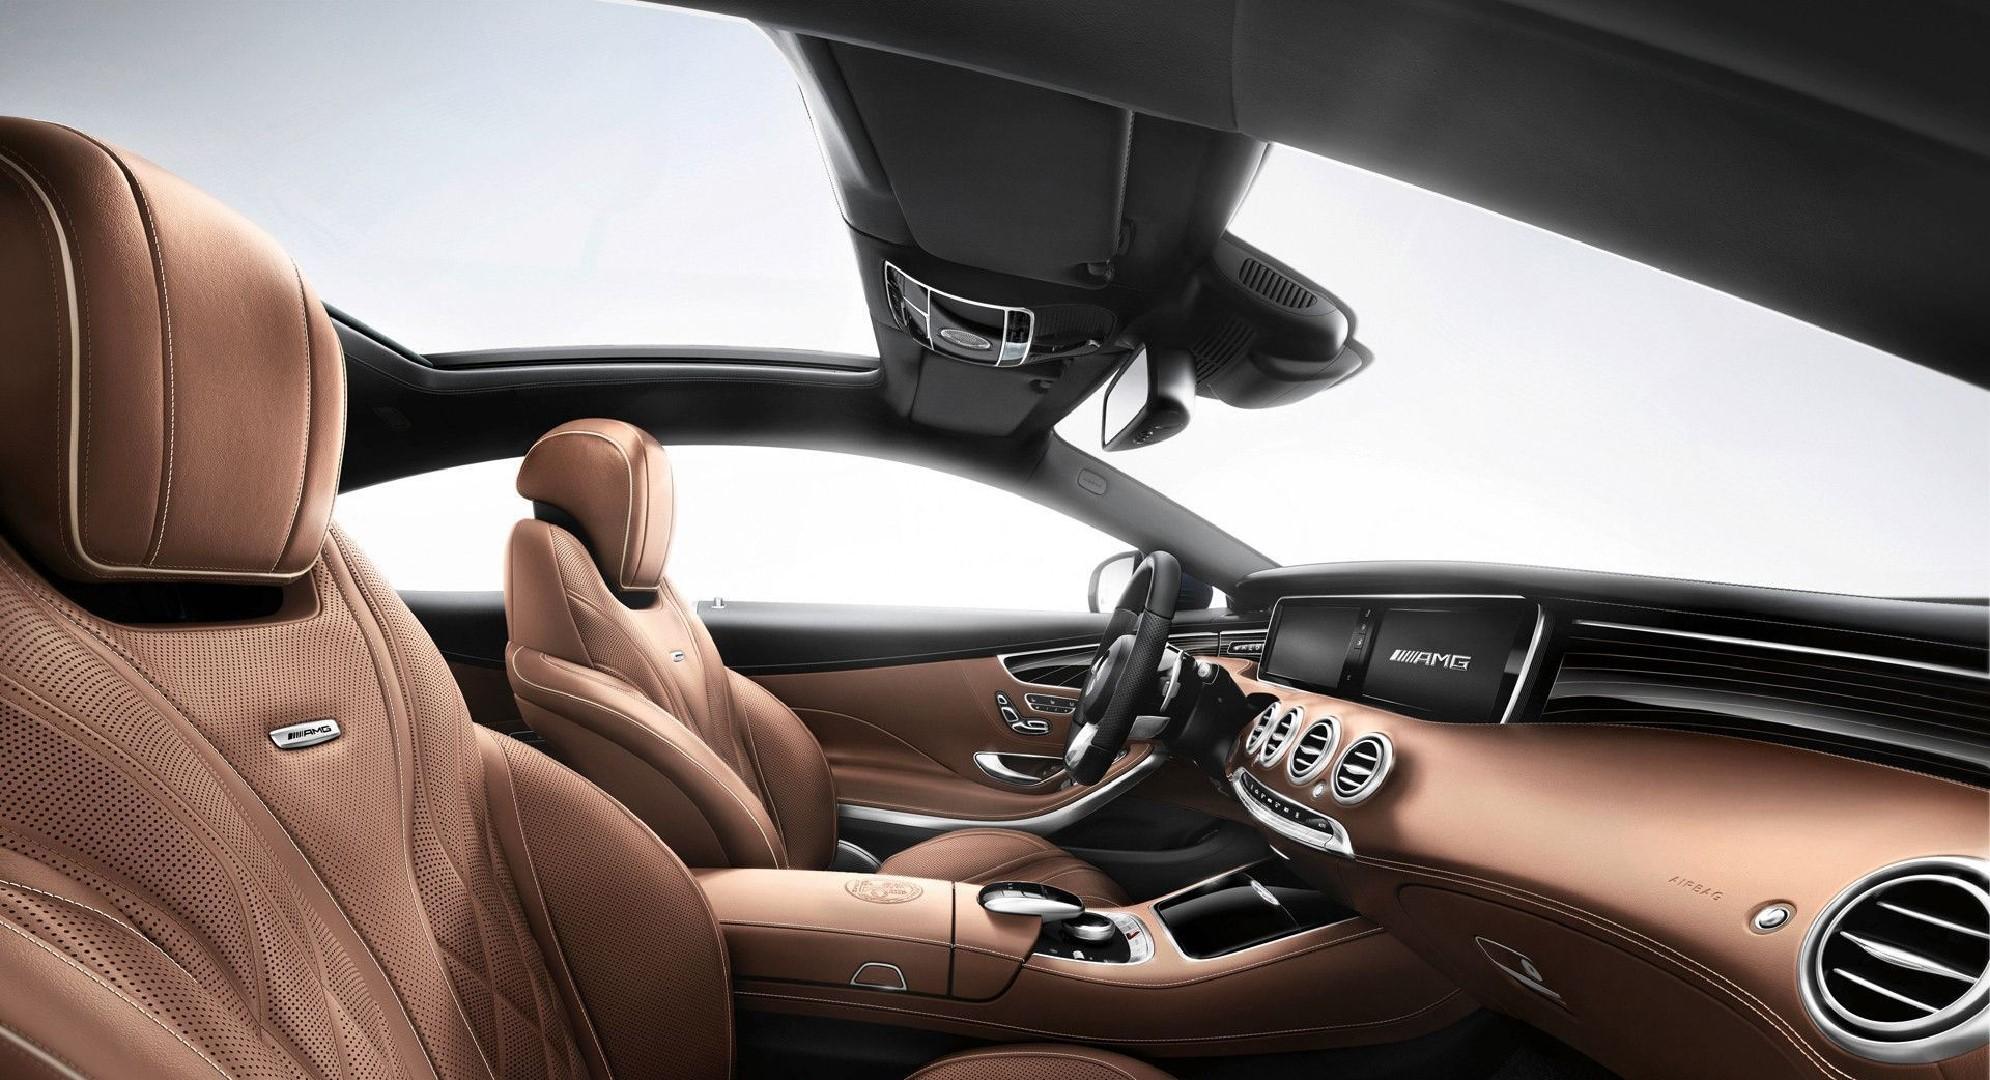 Mercedes Benz S65 AMG Photos